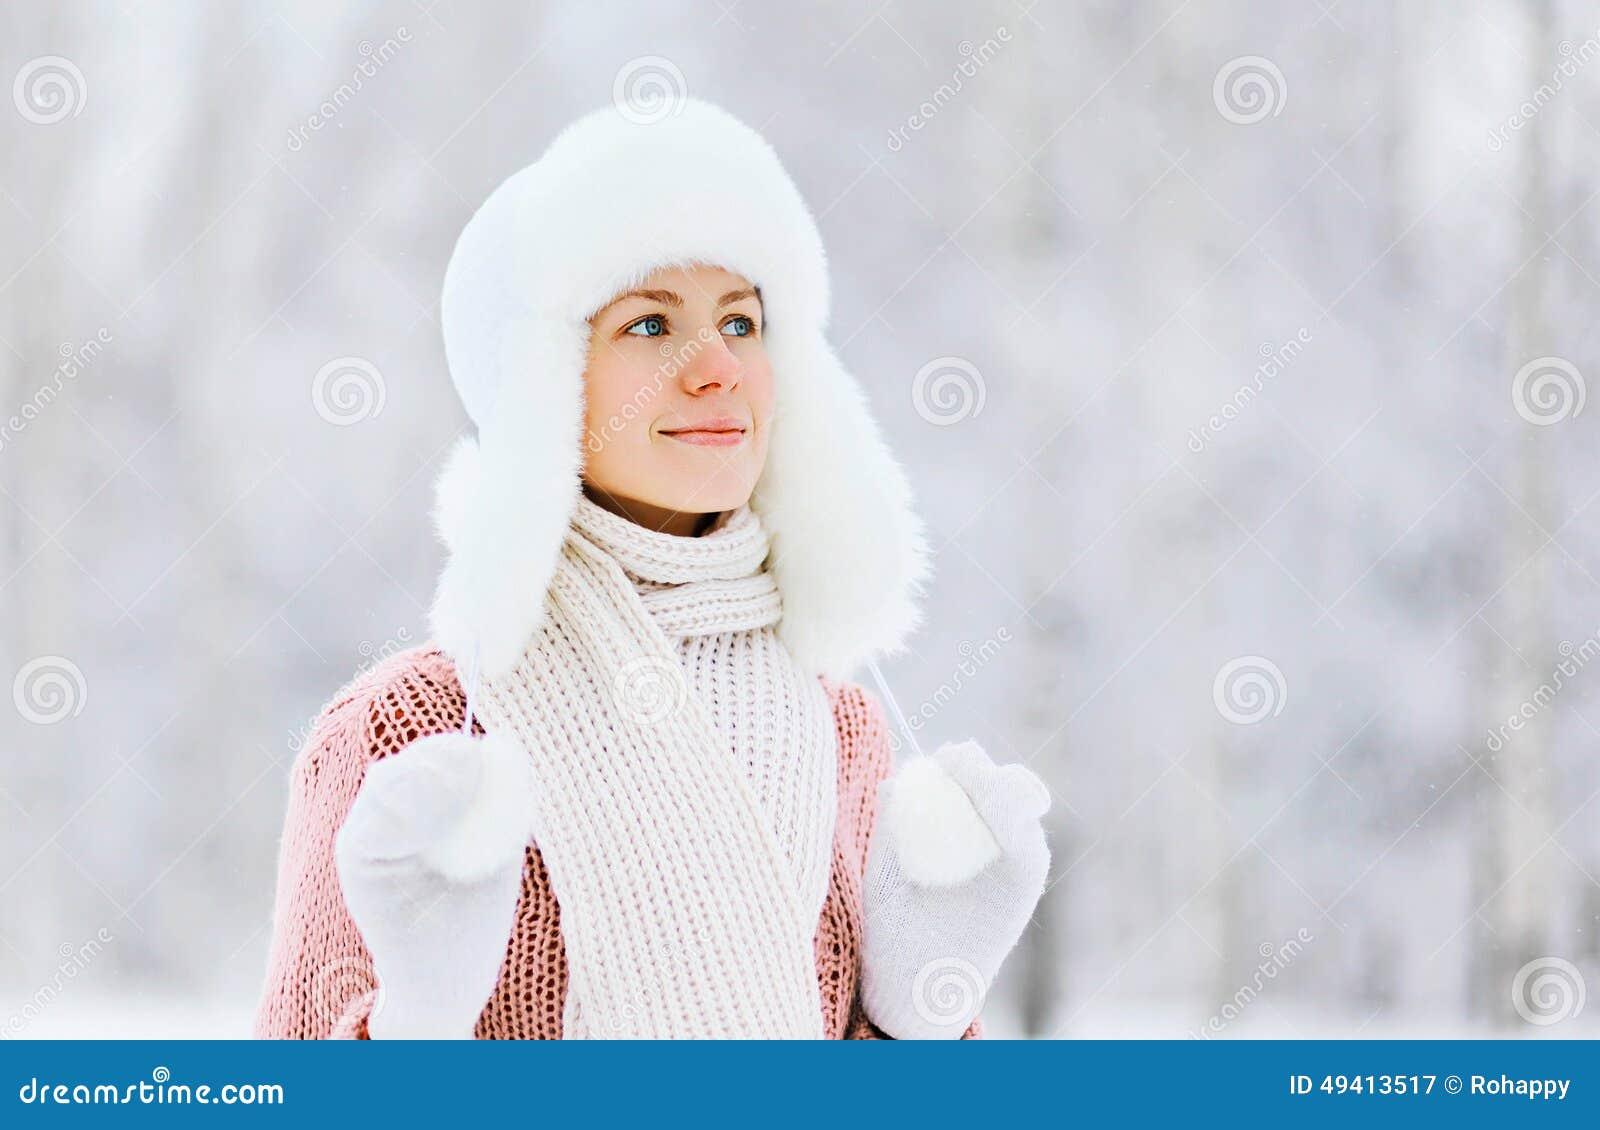 Download Porträt Einer Recht Jungen Frau Draußen Im Winter Stockbild - Bild von fashion, kleidung: 49413517